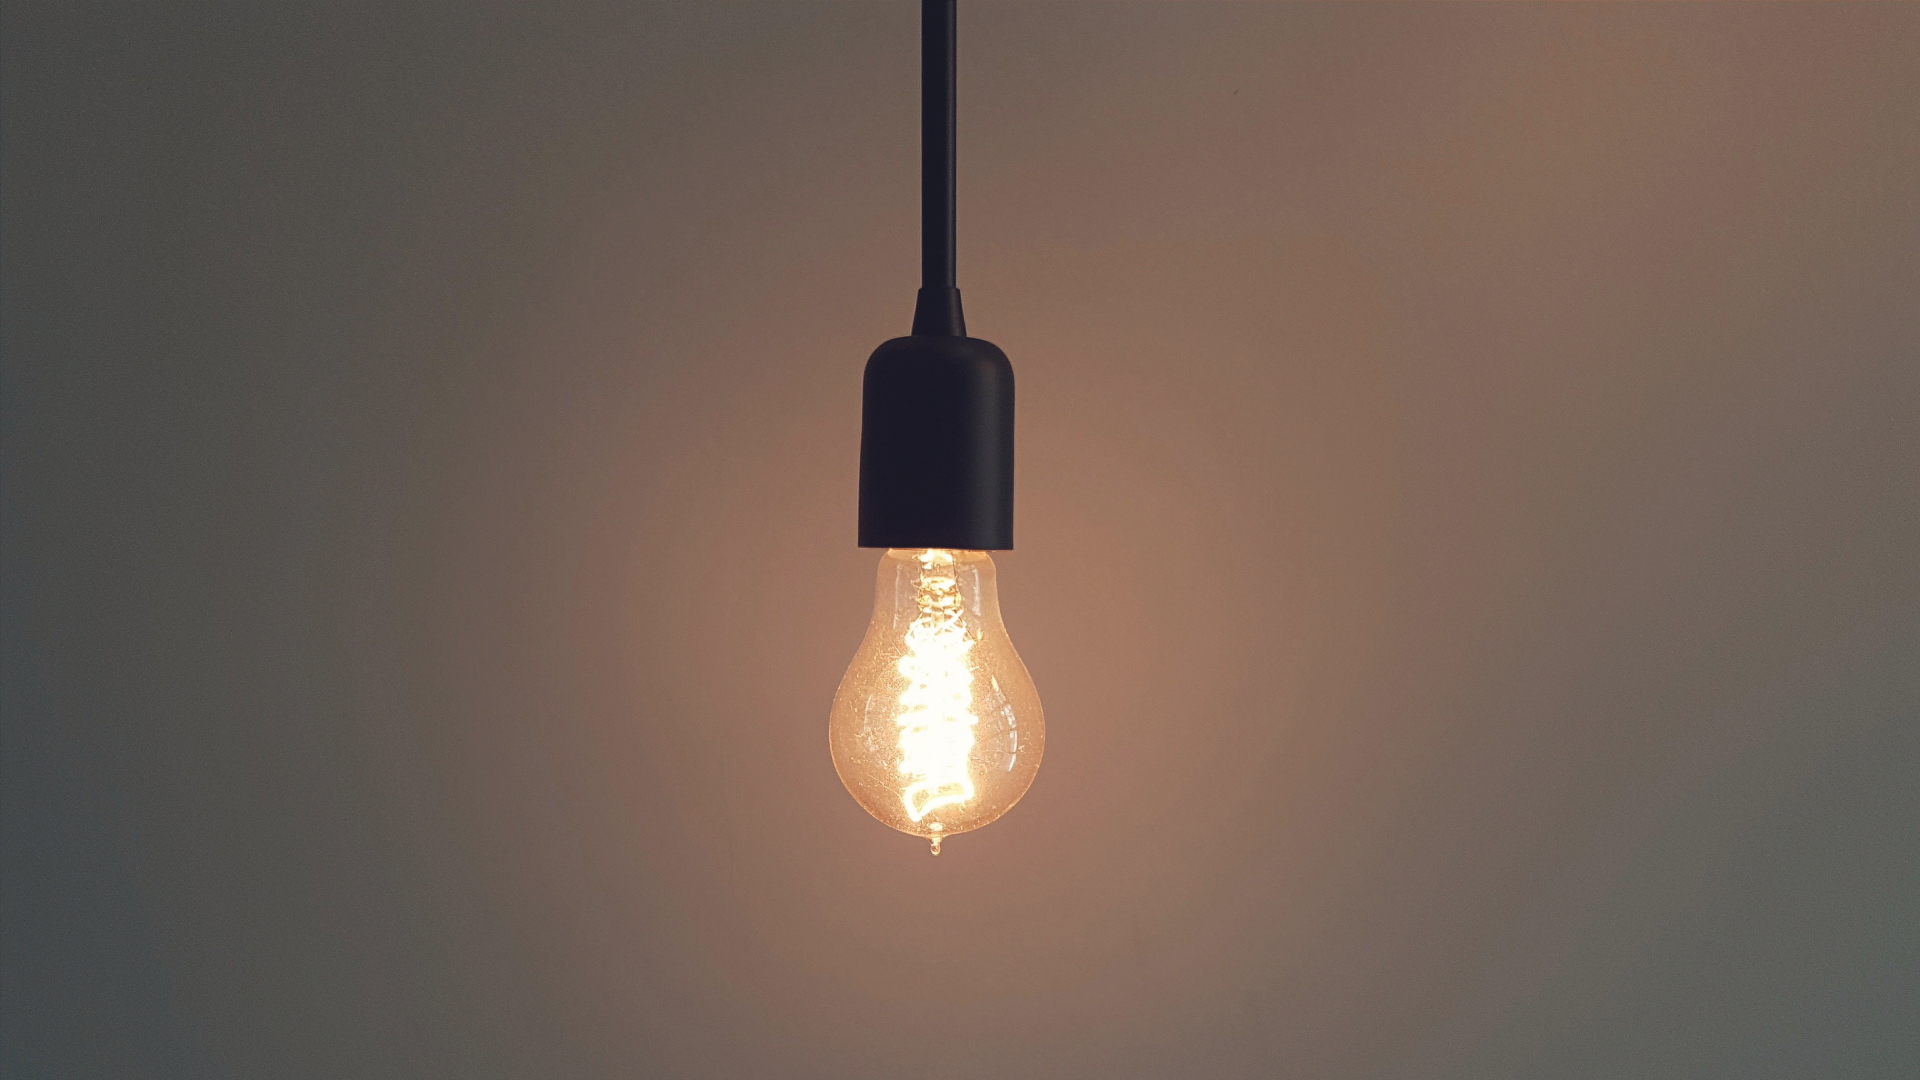 Pobresa energètica Espanya